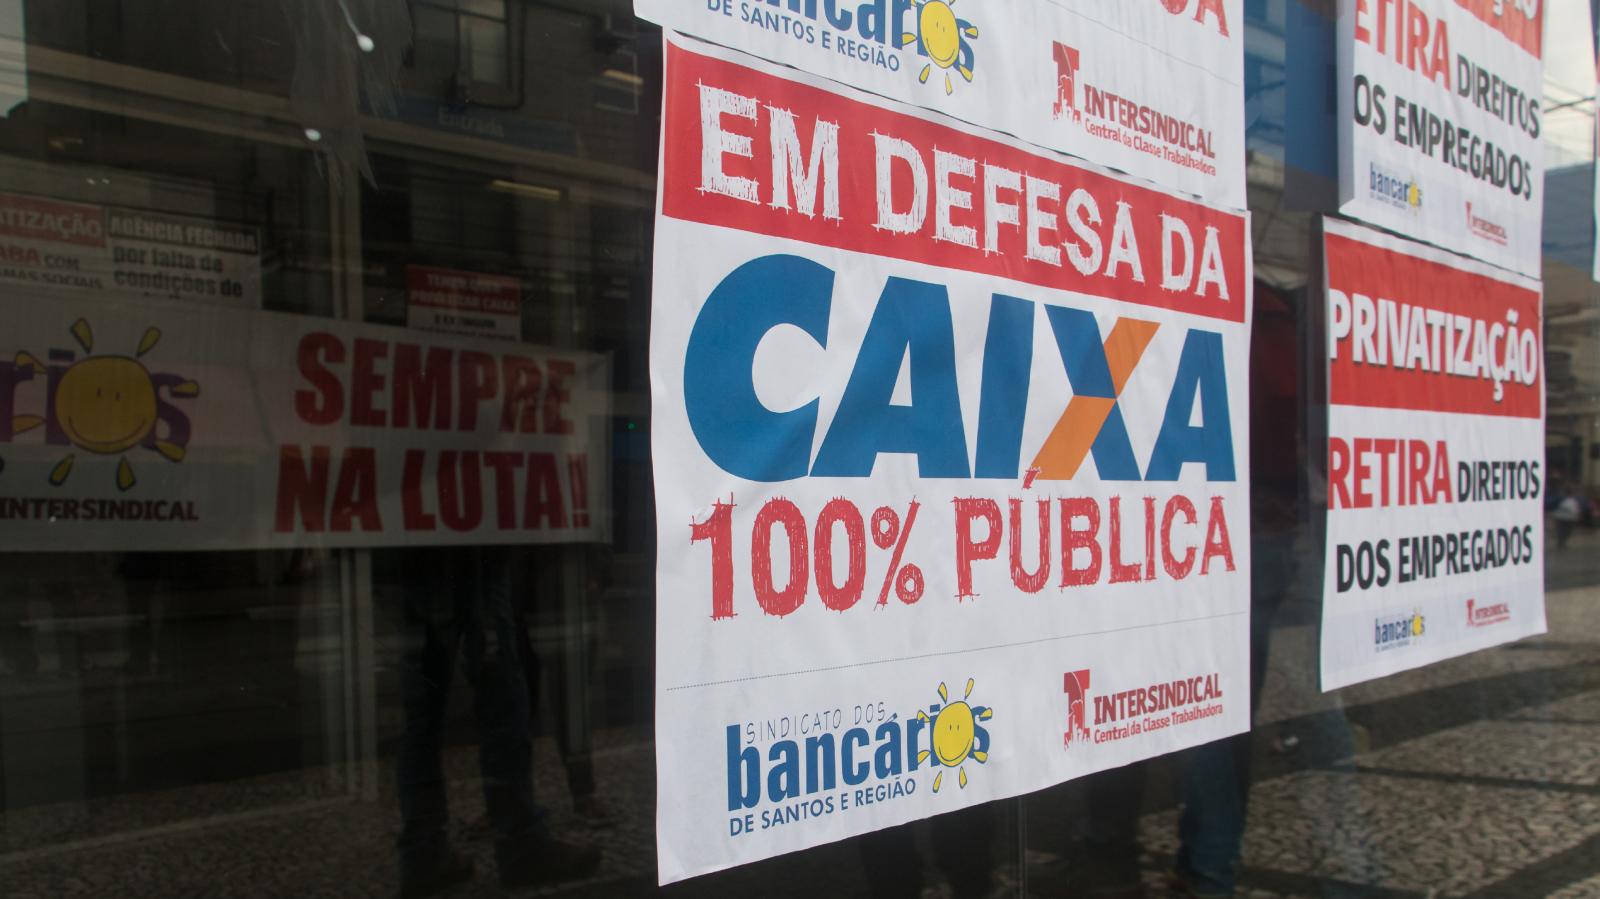 Novo presidente da Caixa confirma privatização fatiada do banco